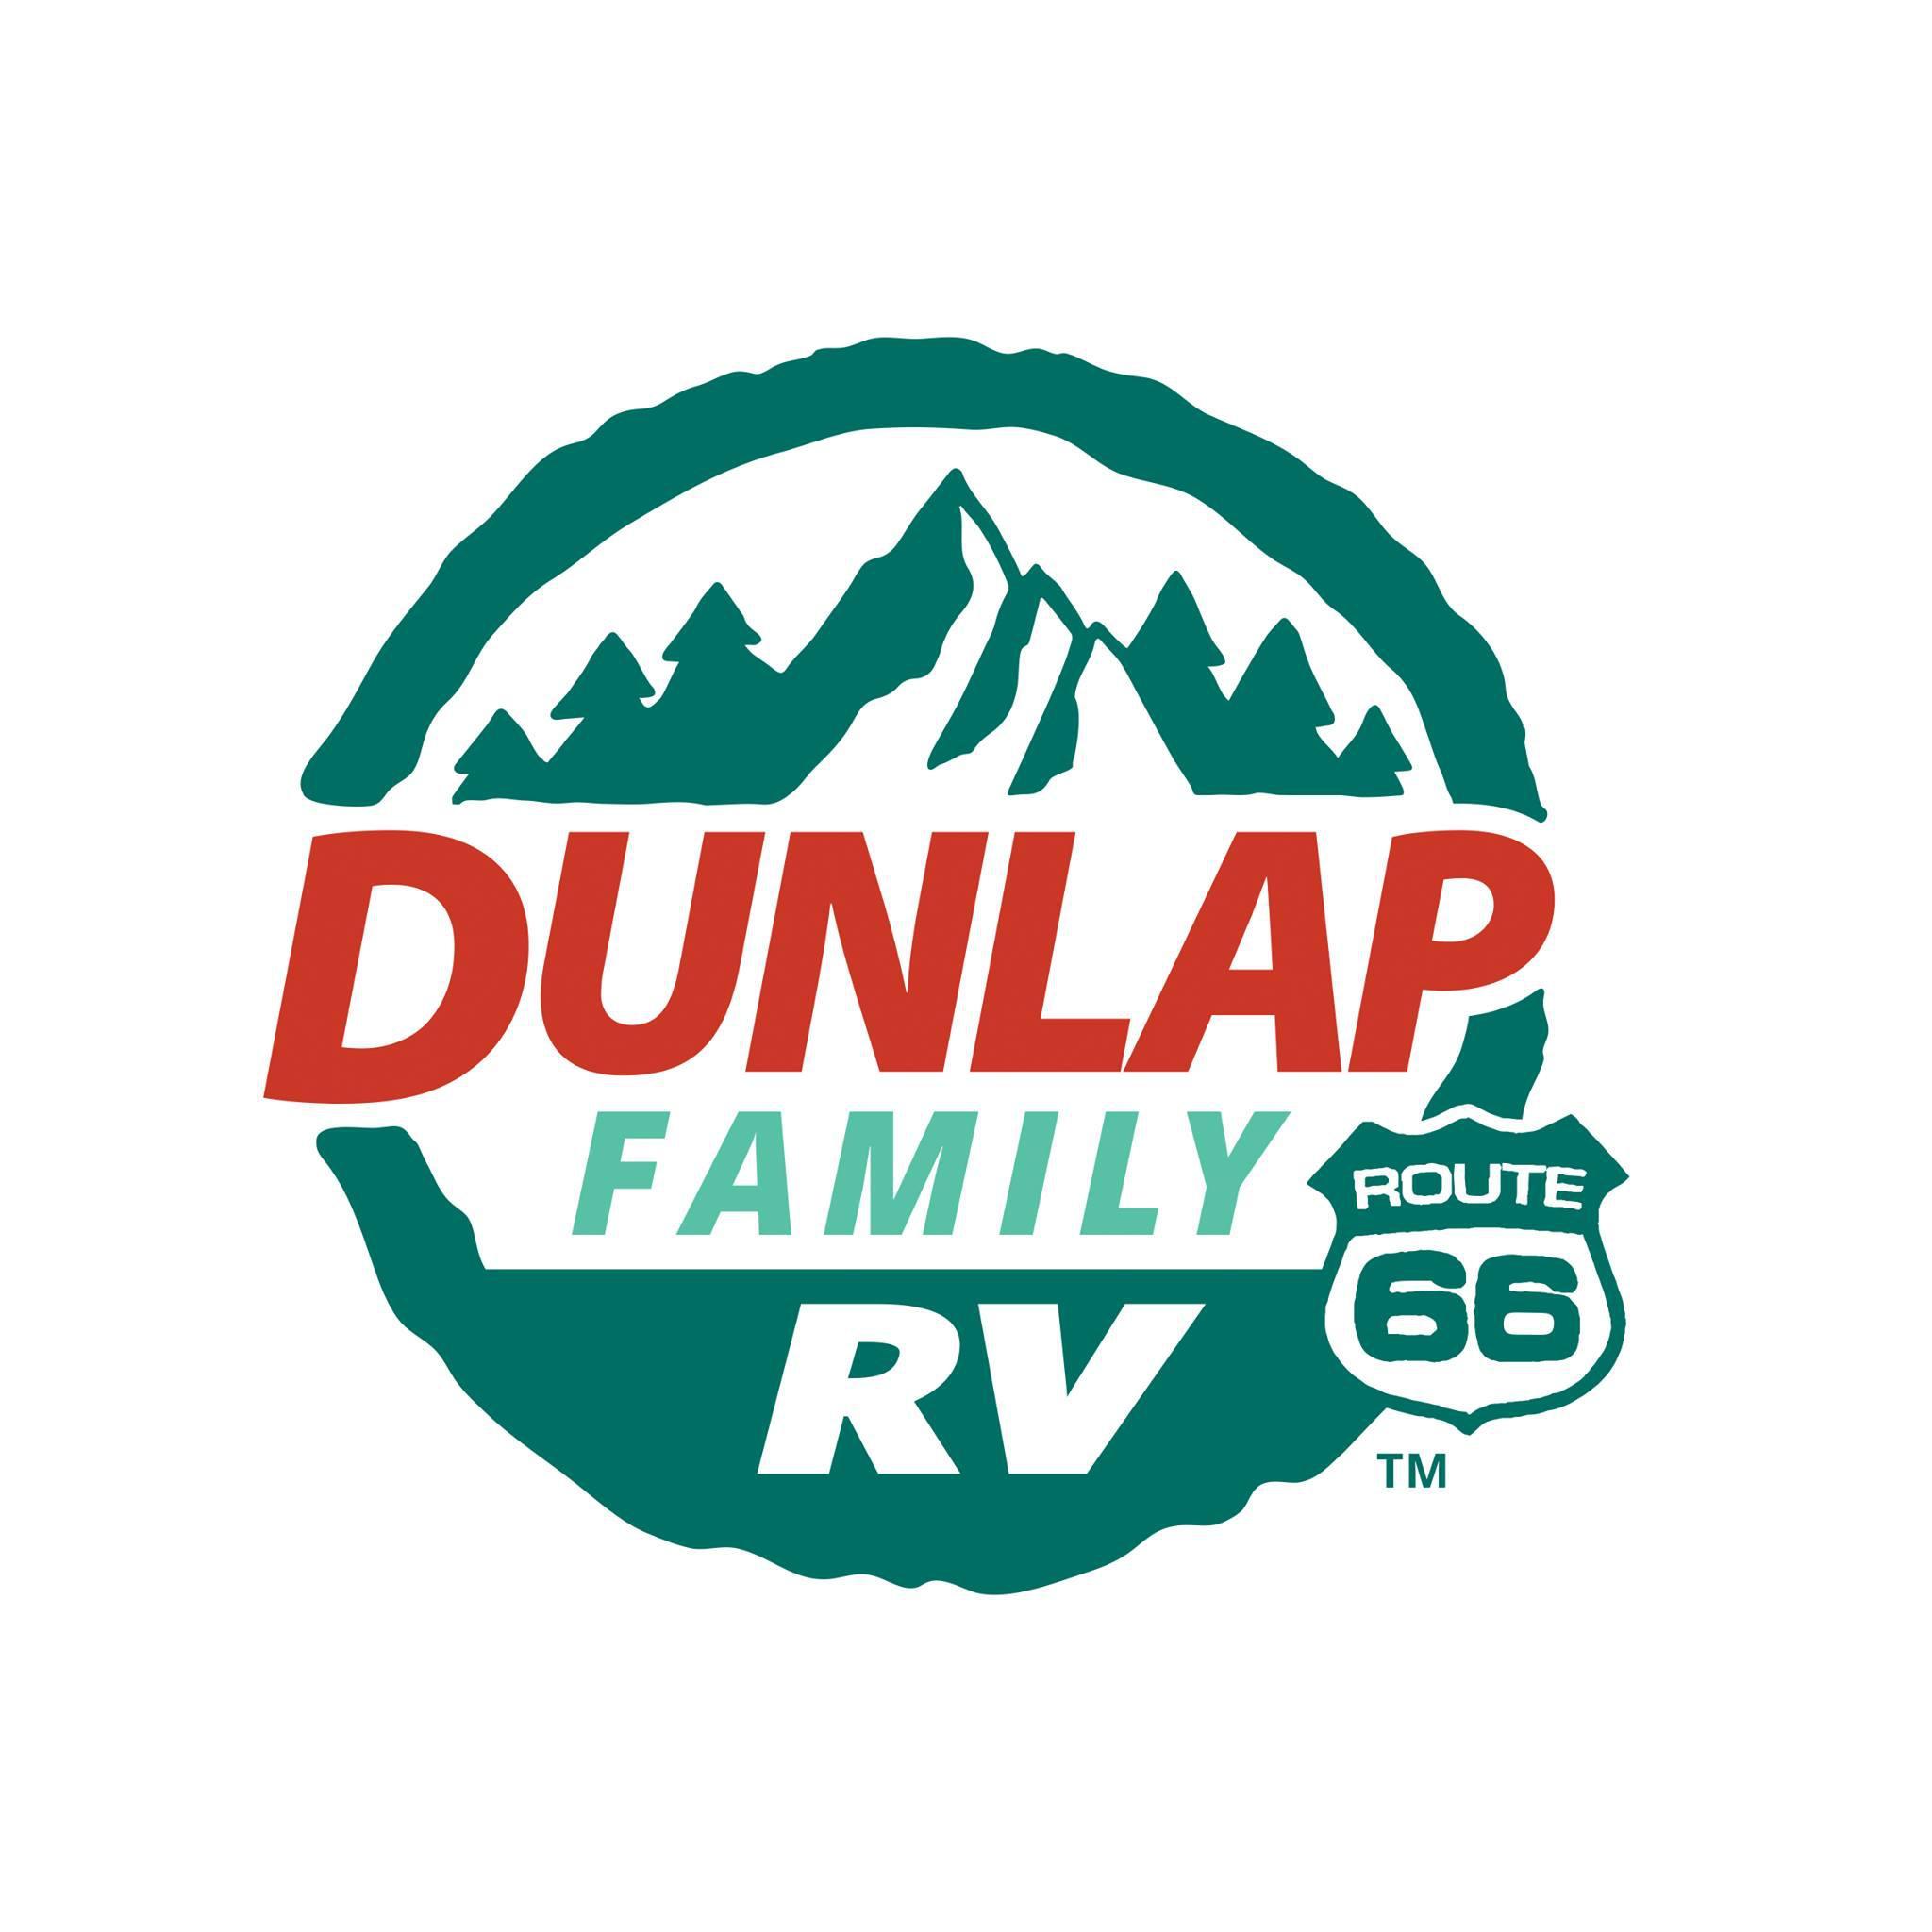 Dunlap Family RV of Chattanooga